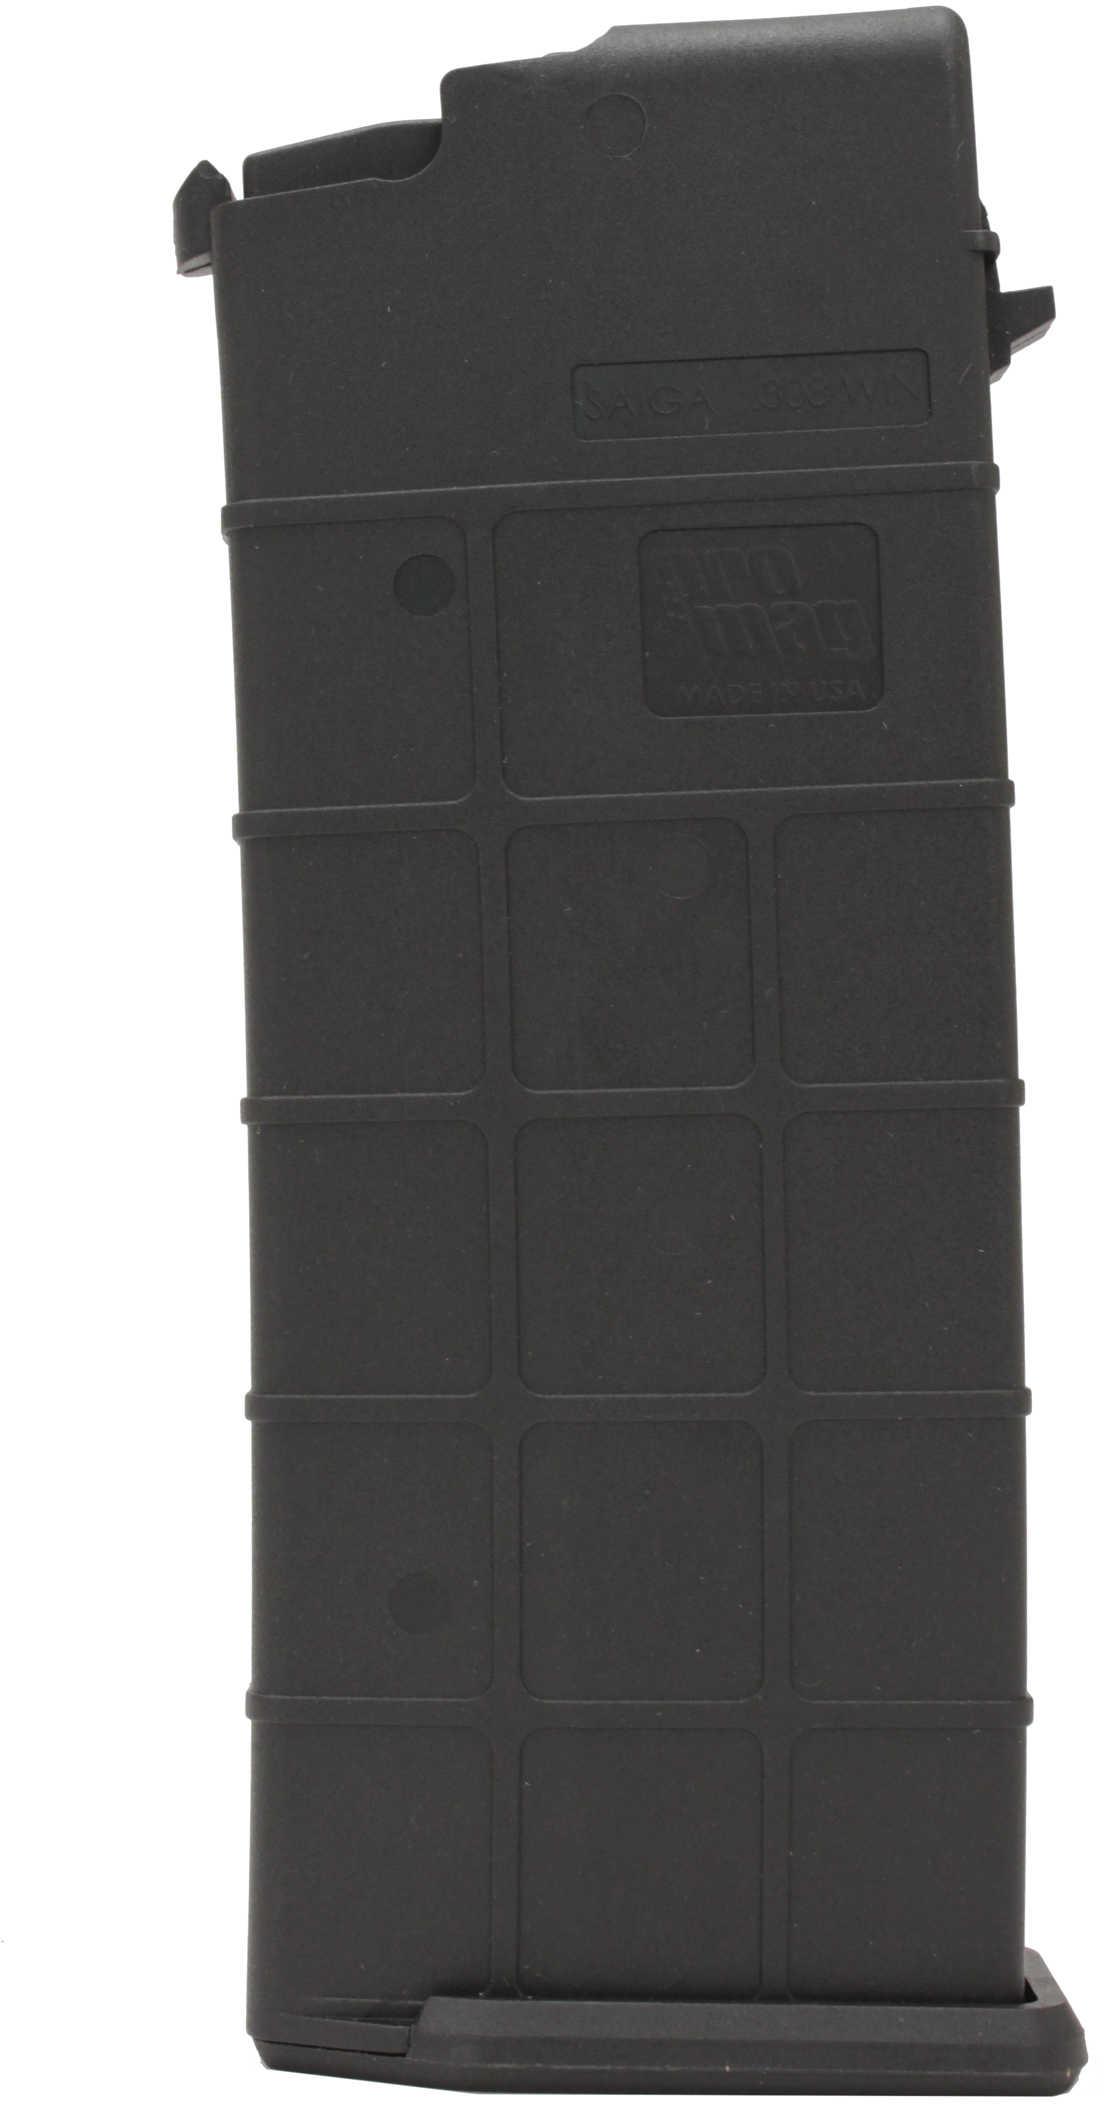 ProMag SAIGA Magazine .308 - Black polymer - 24 Round SAIA5